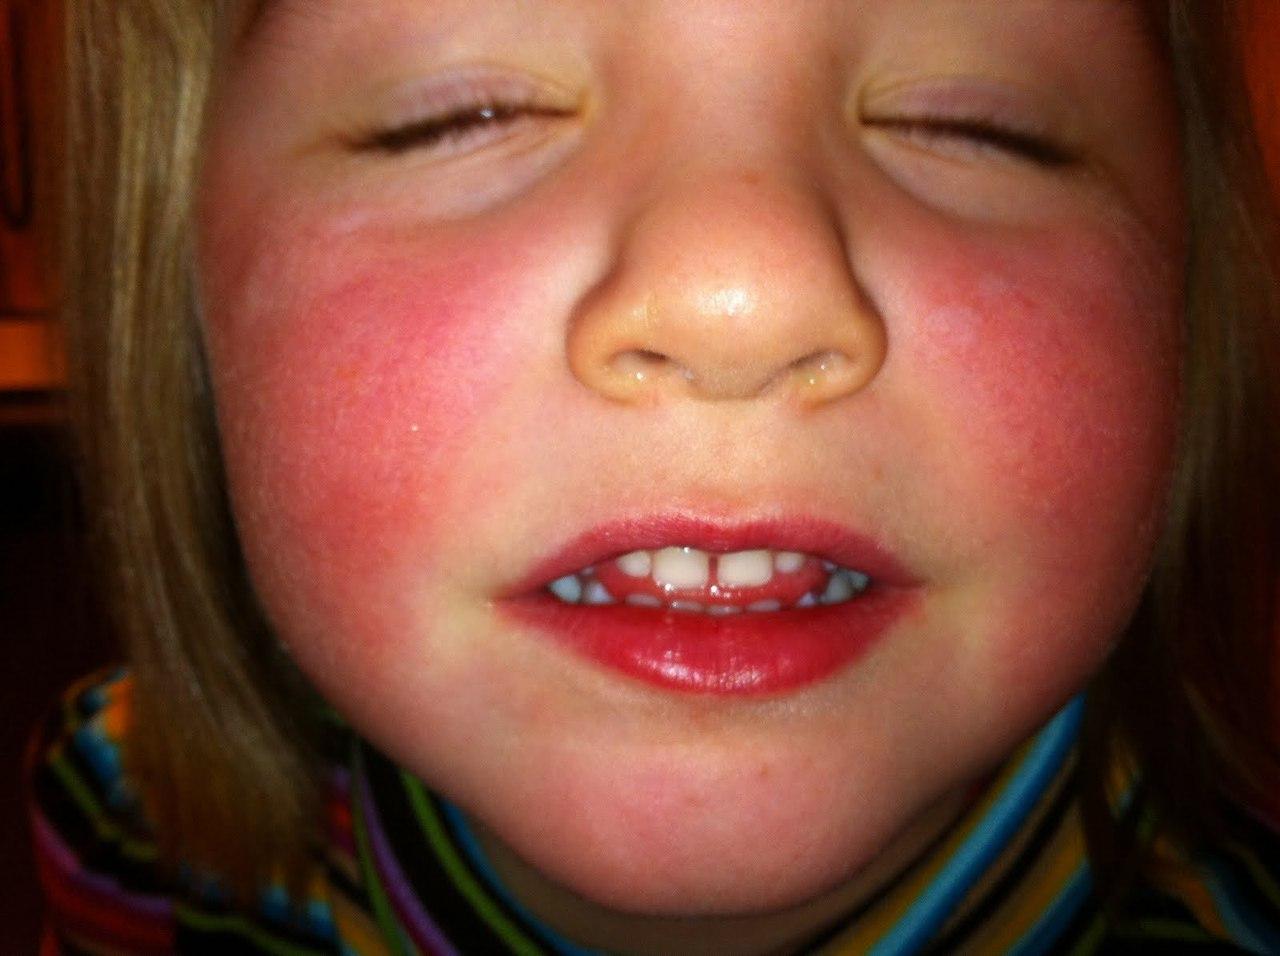 признаки скарлатины у детей фото сыпи